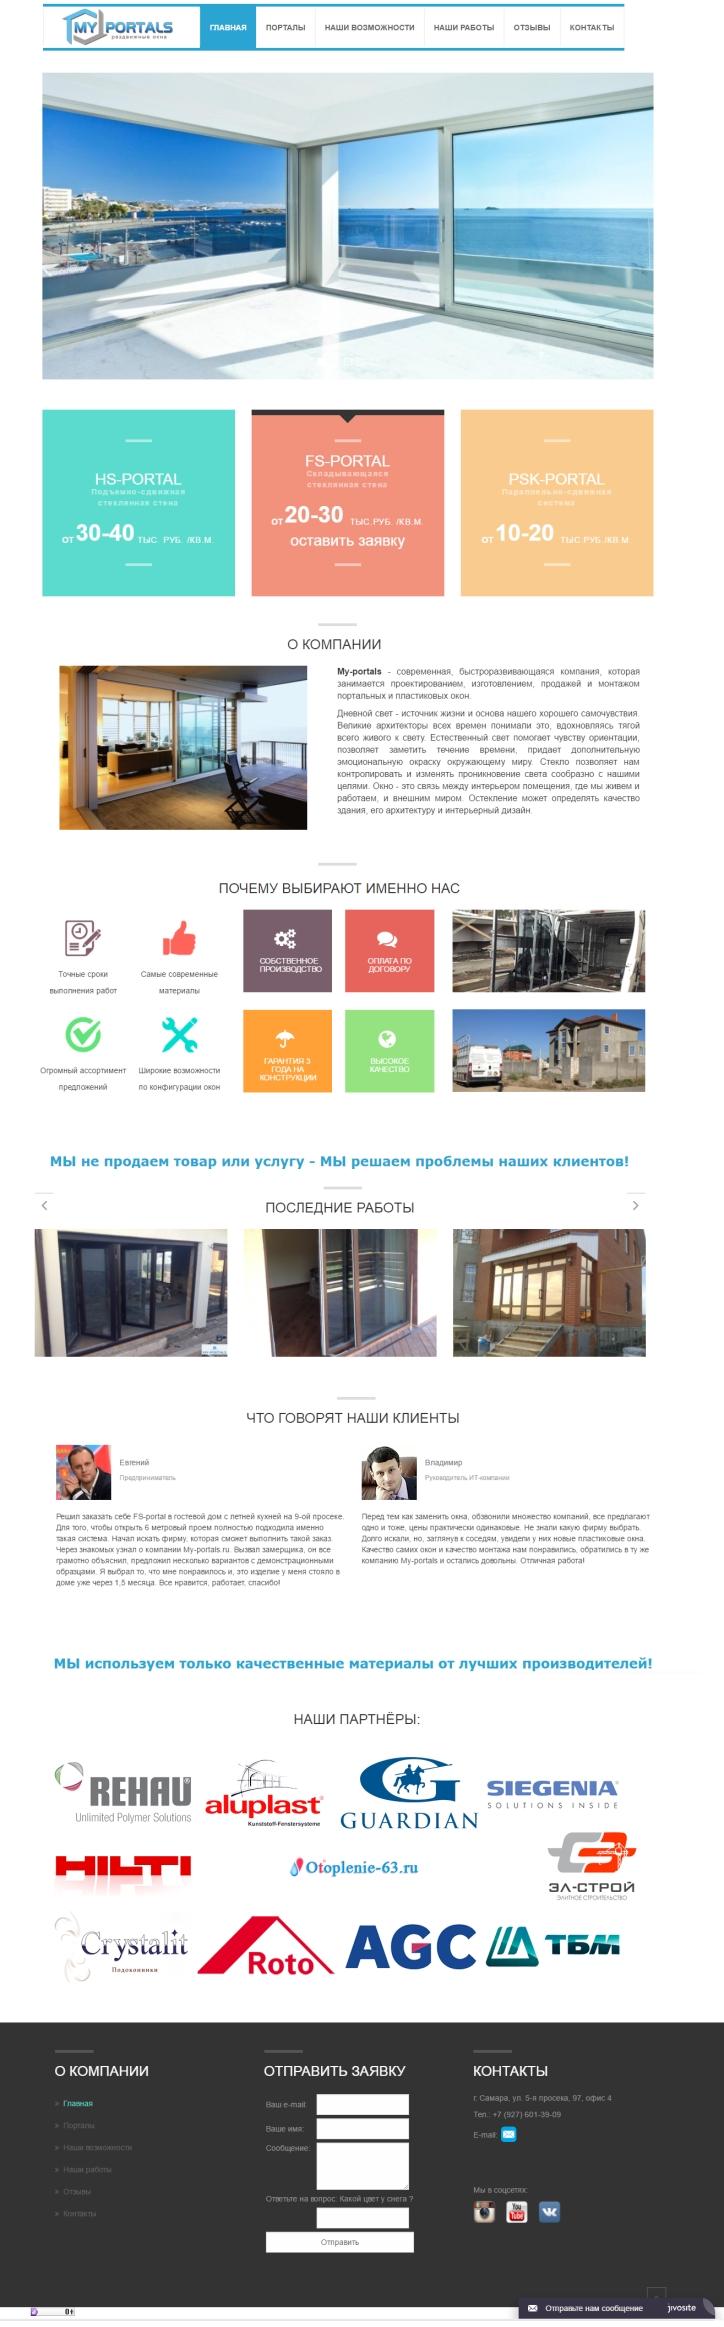 доработка сайта, создание логотипа